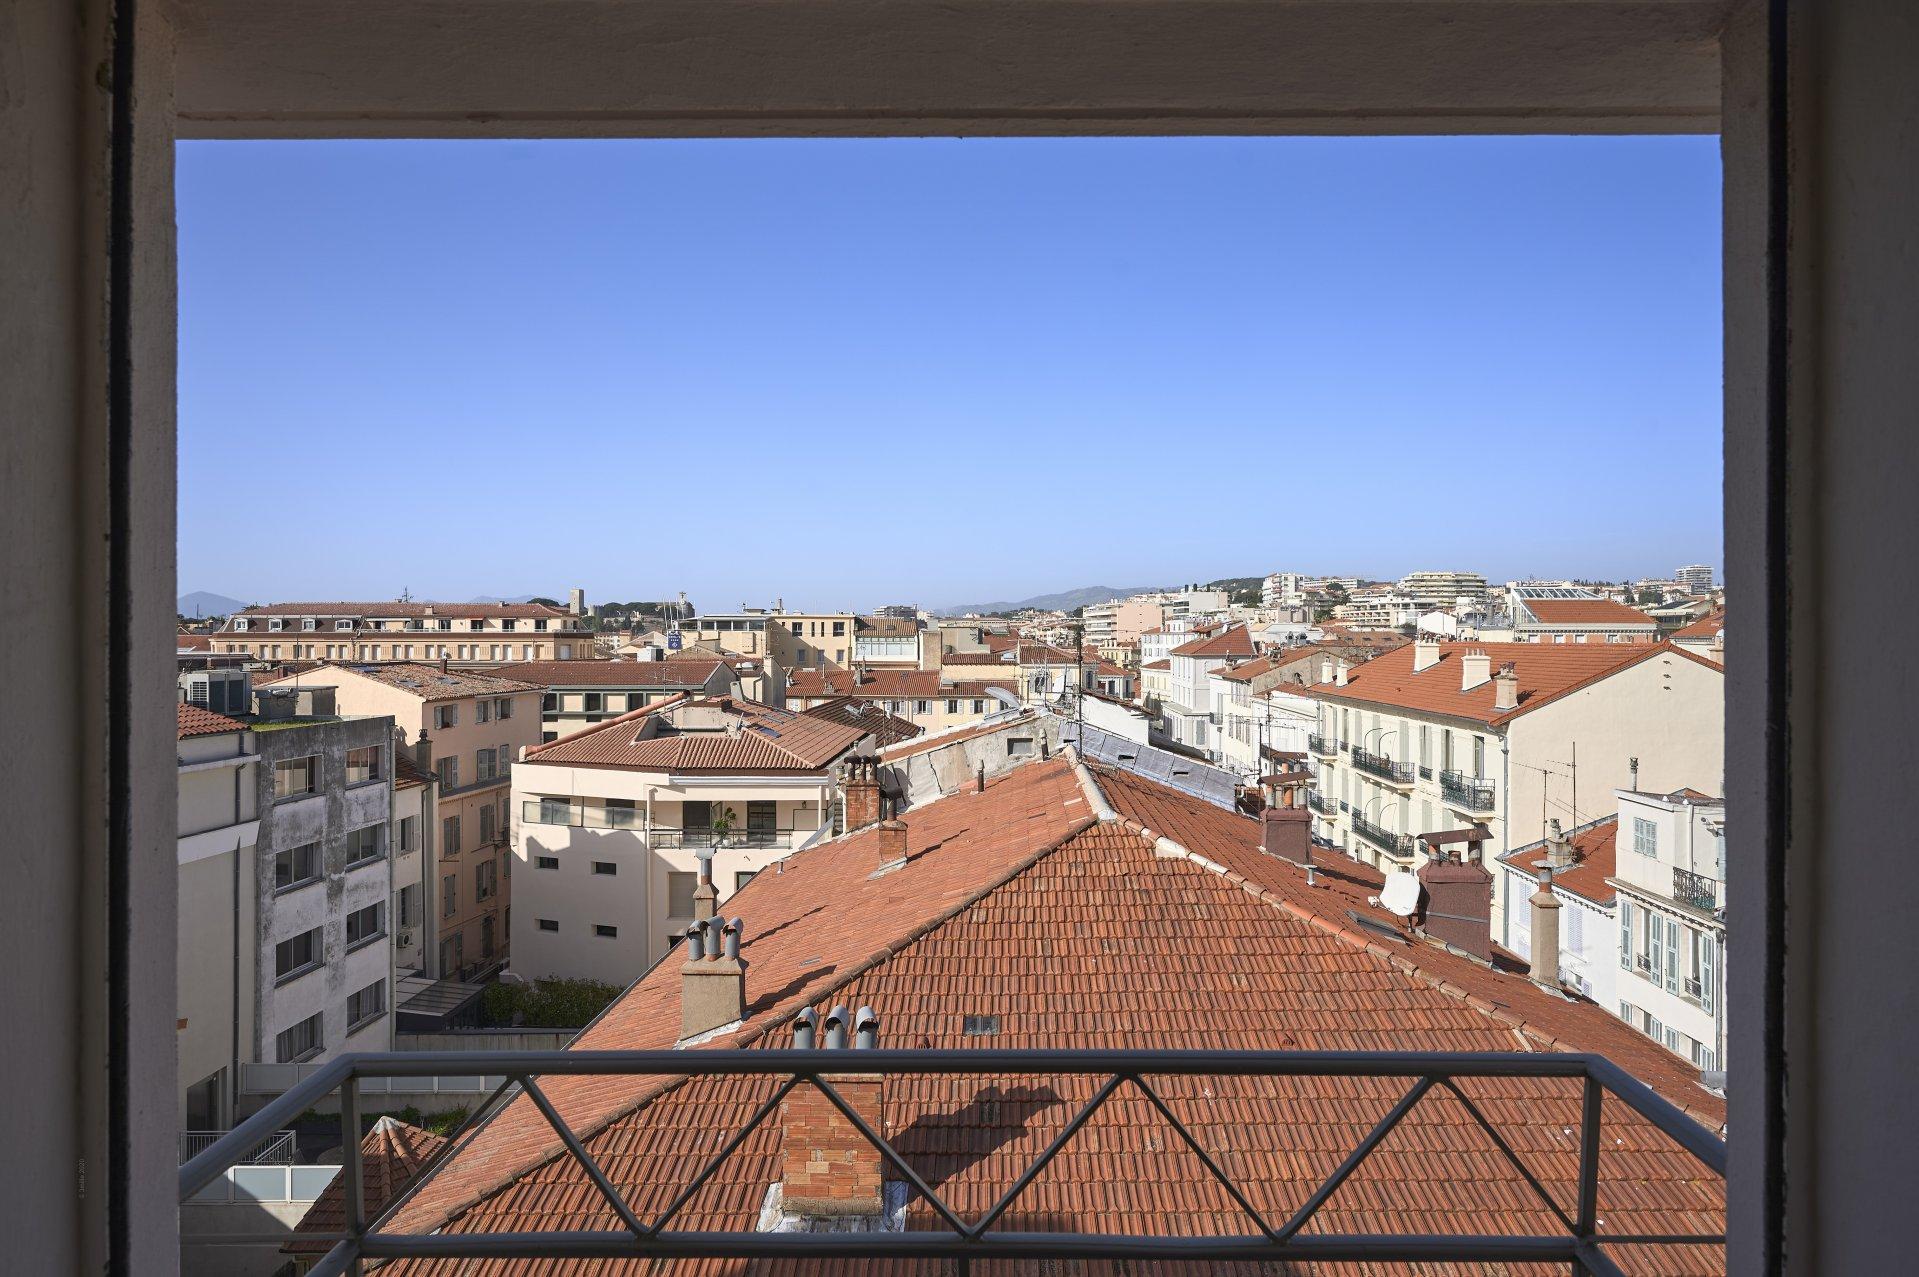 A vendre - 4 pièces contemporain en plein centre ville - Cannes arrière Croisette